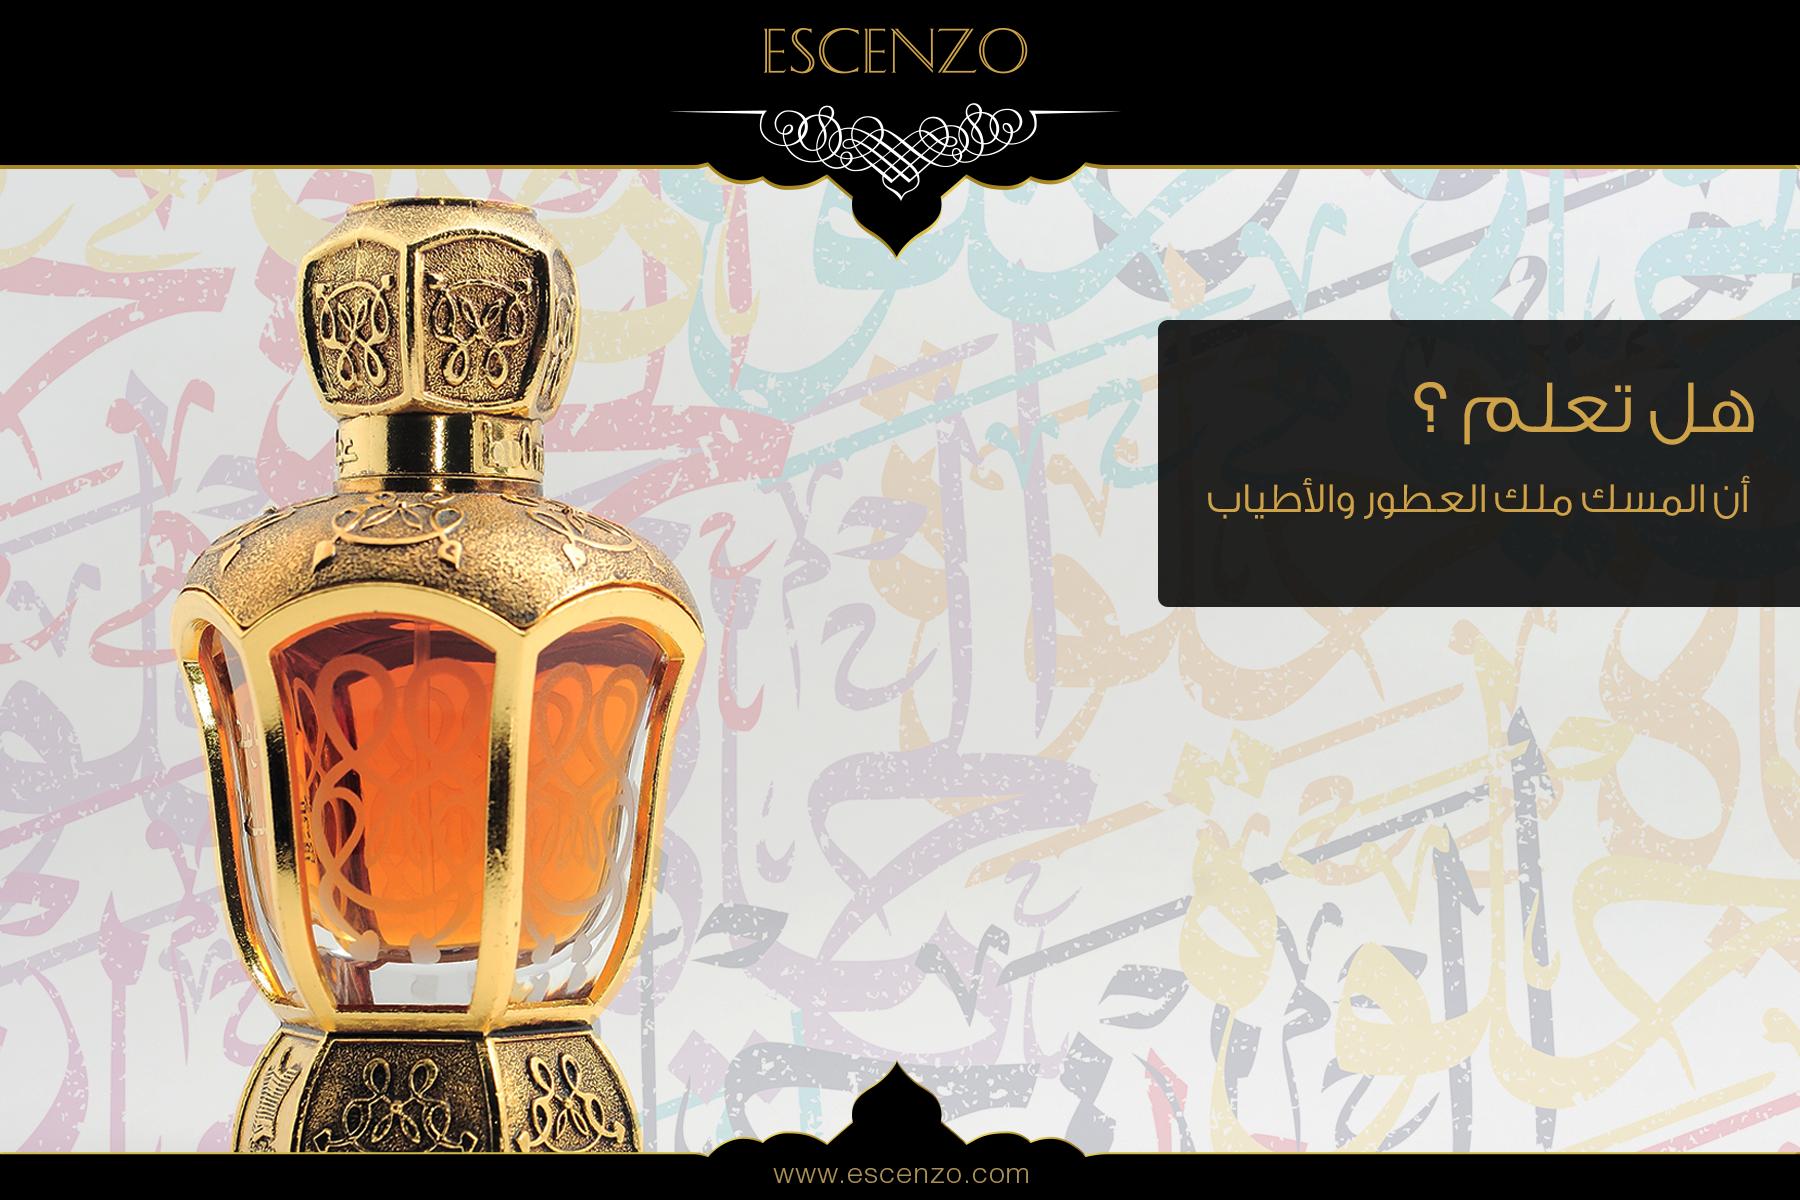 Did You Know المسك هو نوع من الطيب ويسمى بملك العطور والأطياب وتم ذكره في القرآن الكريم في وصف وثواب الأبرار في الجنة Perfume Bottles Perfume Whiskey Bottle